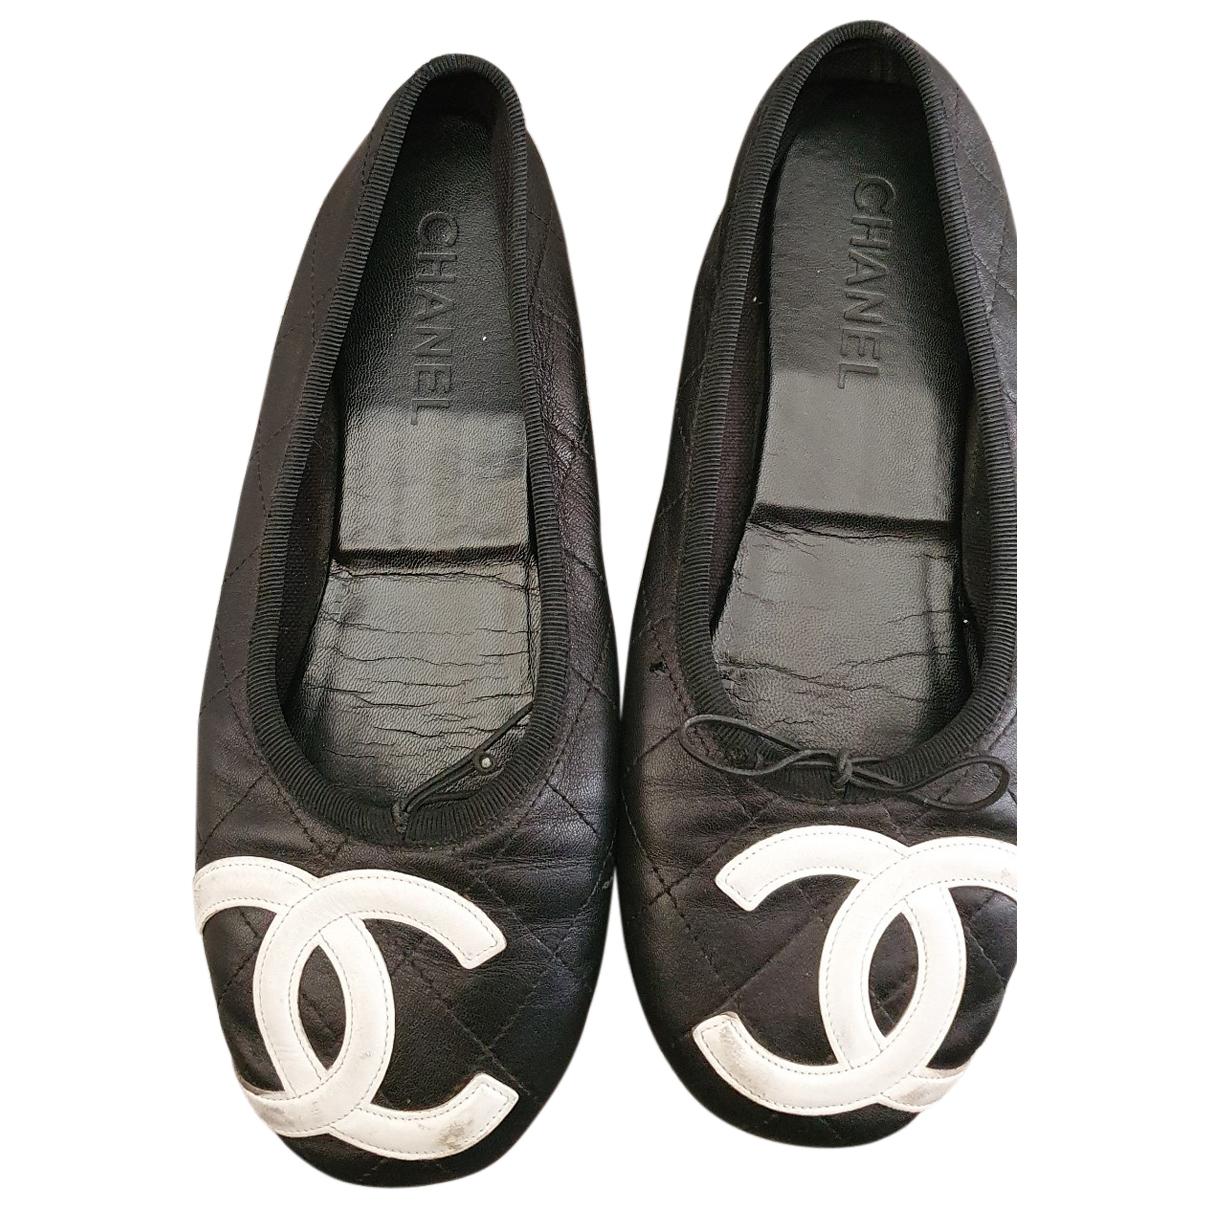 Chanel - Ballerines Cambon pour femme en cuir - noir